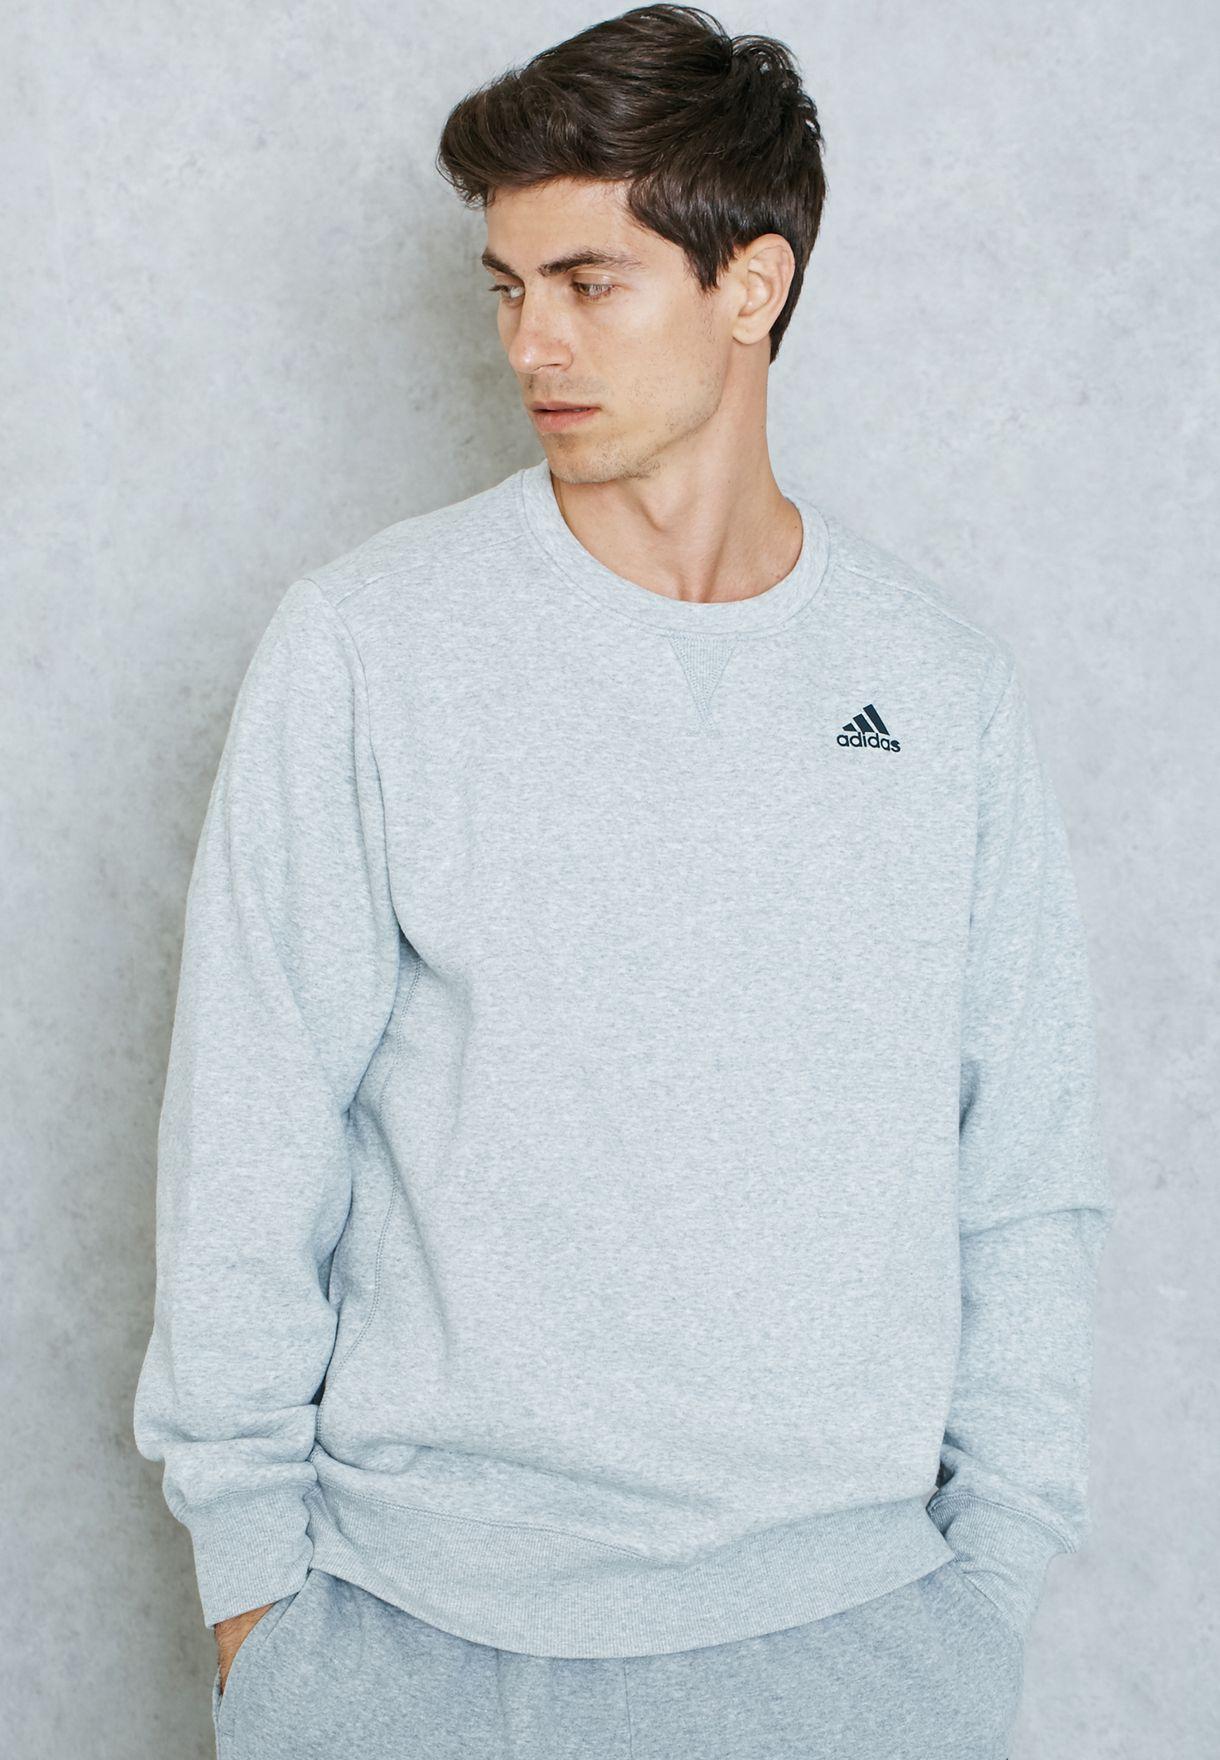 Adidas Essential Sweatshirt Grey